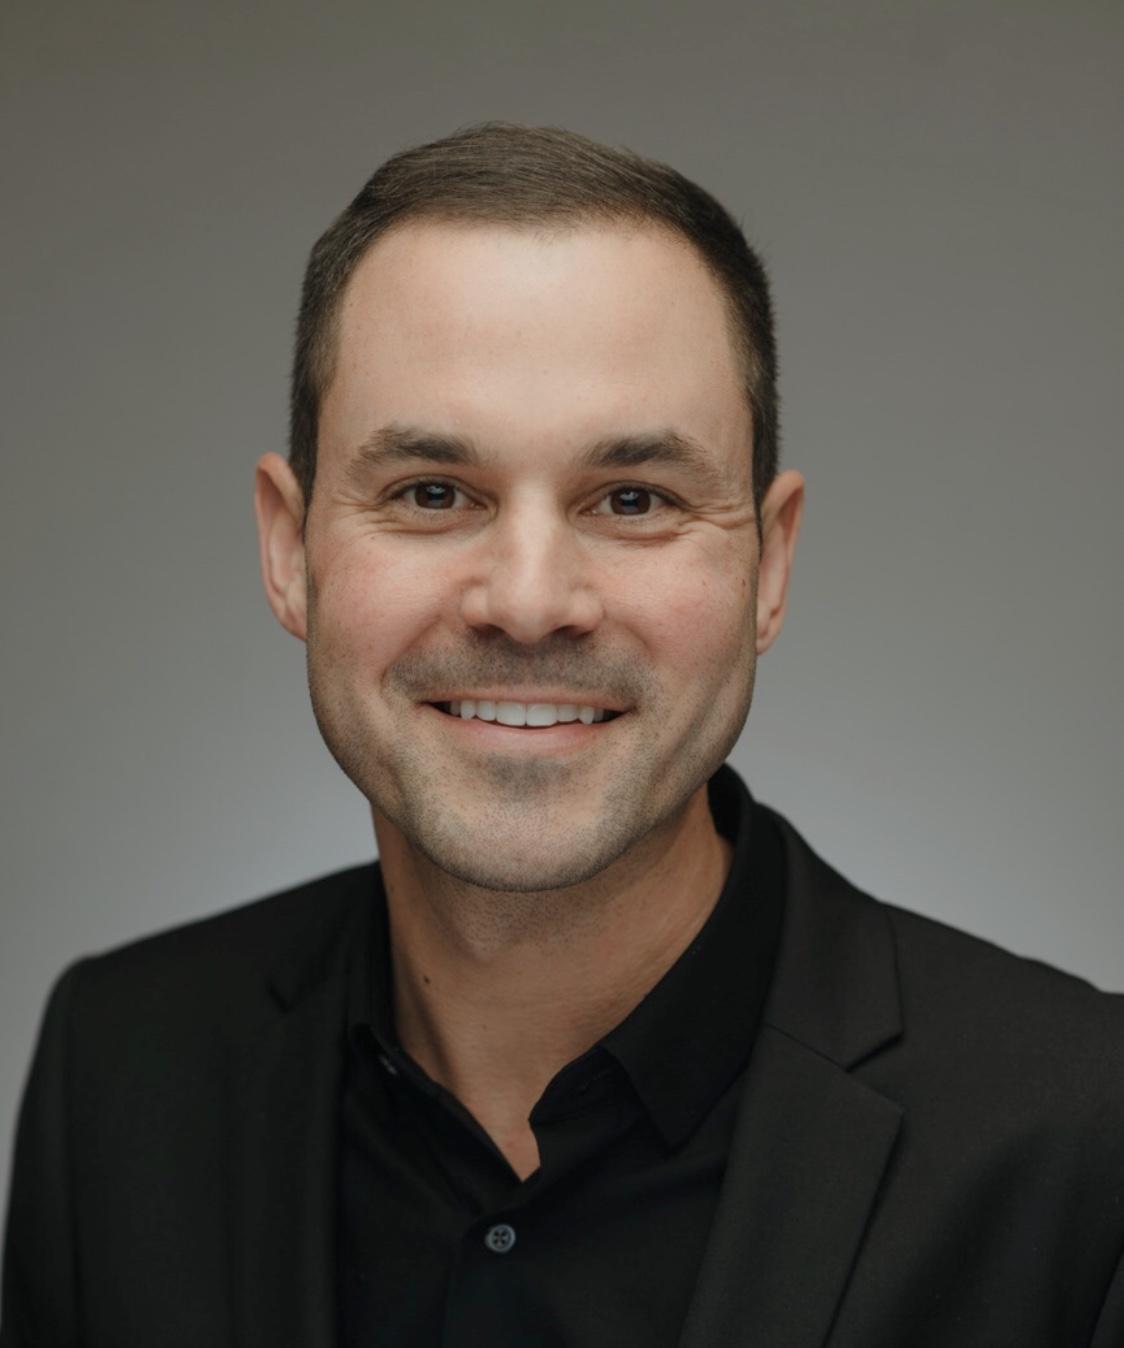 Aaron Moomaw